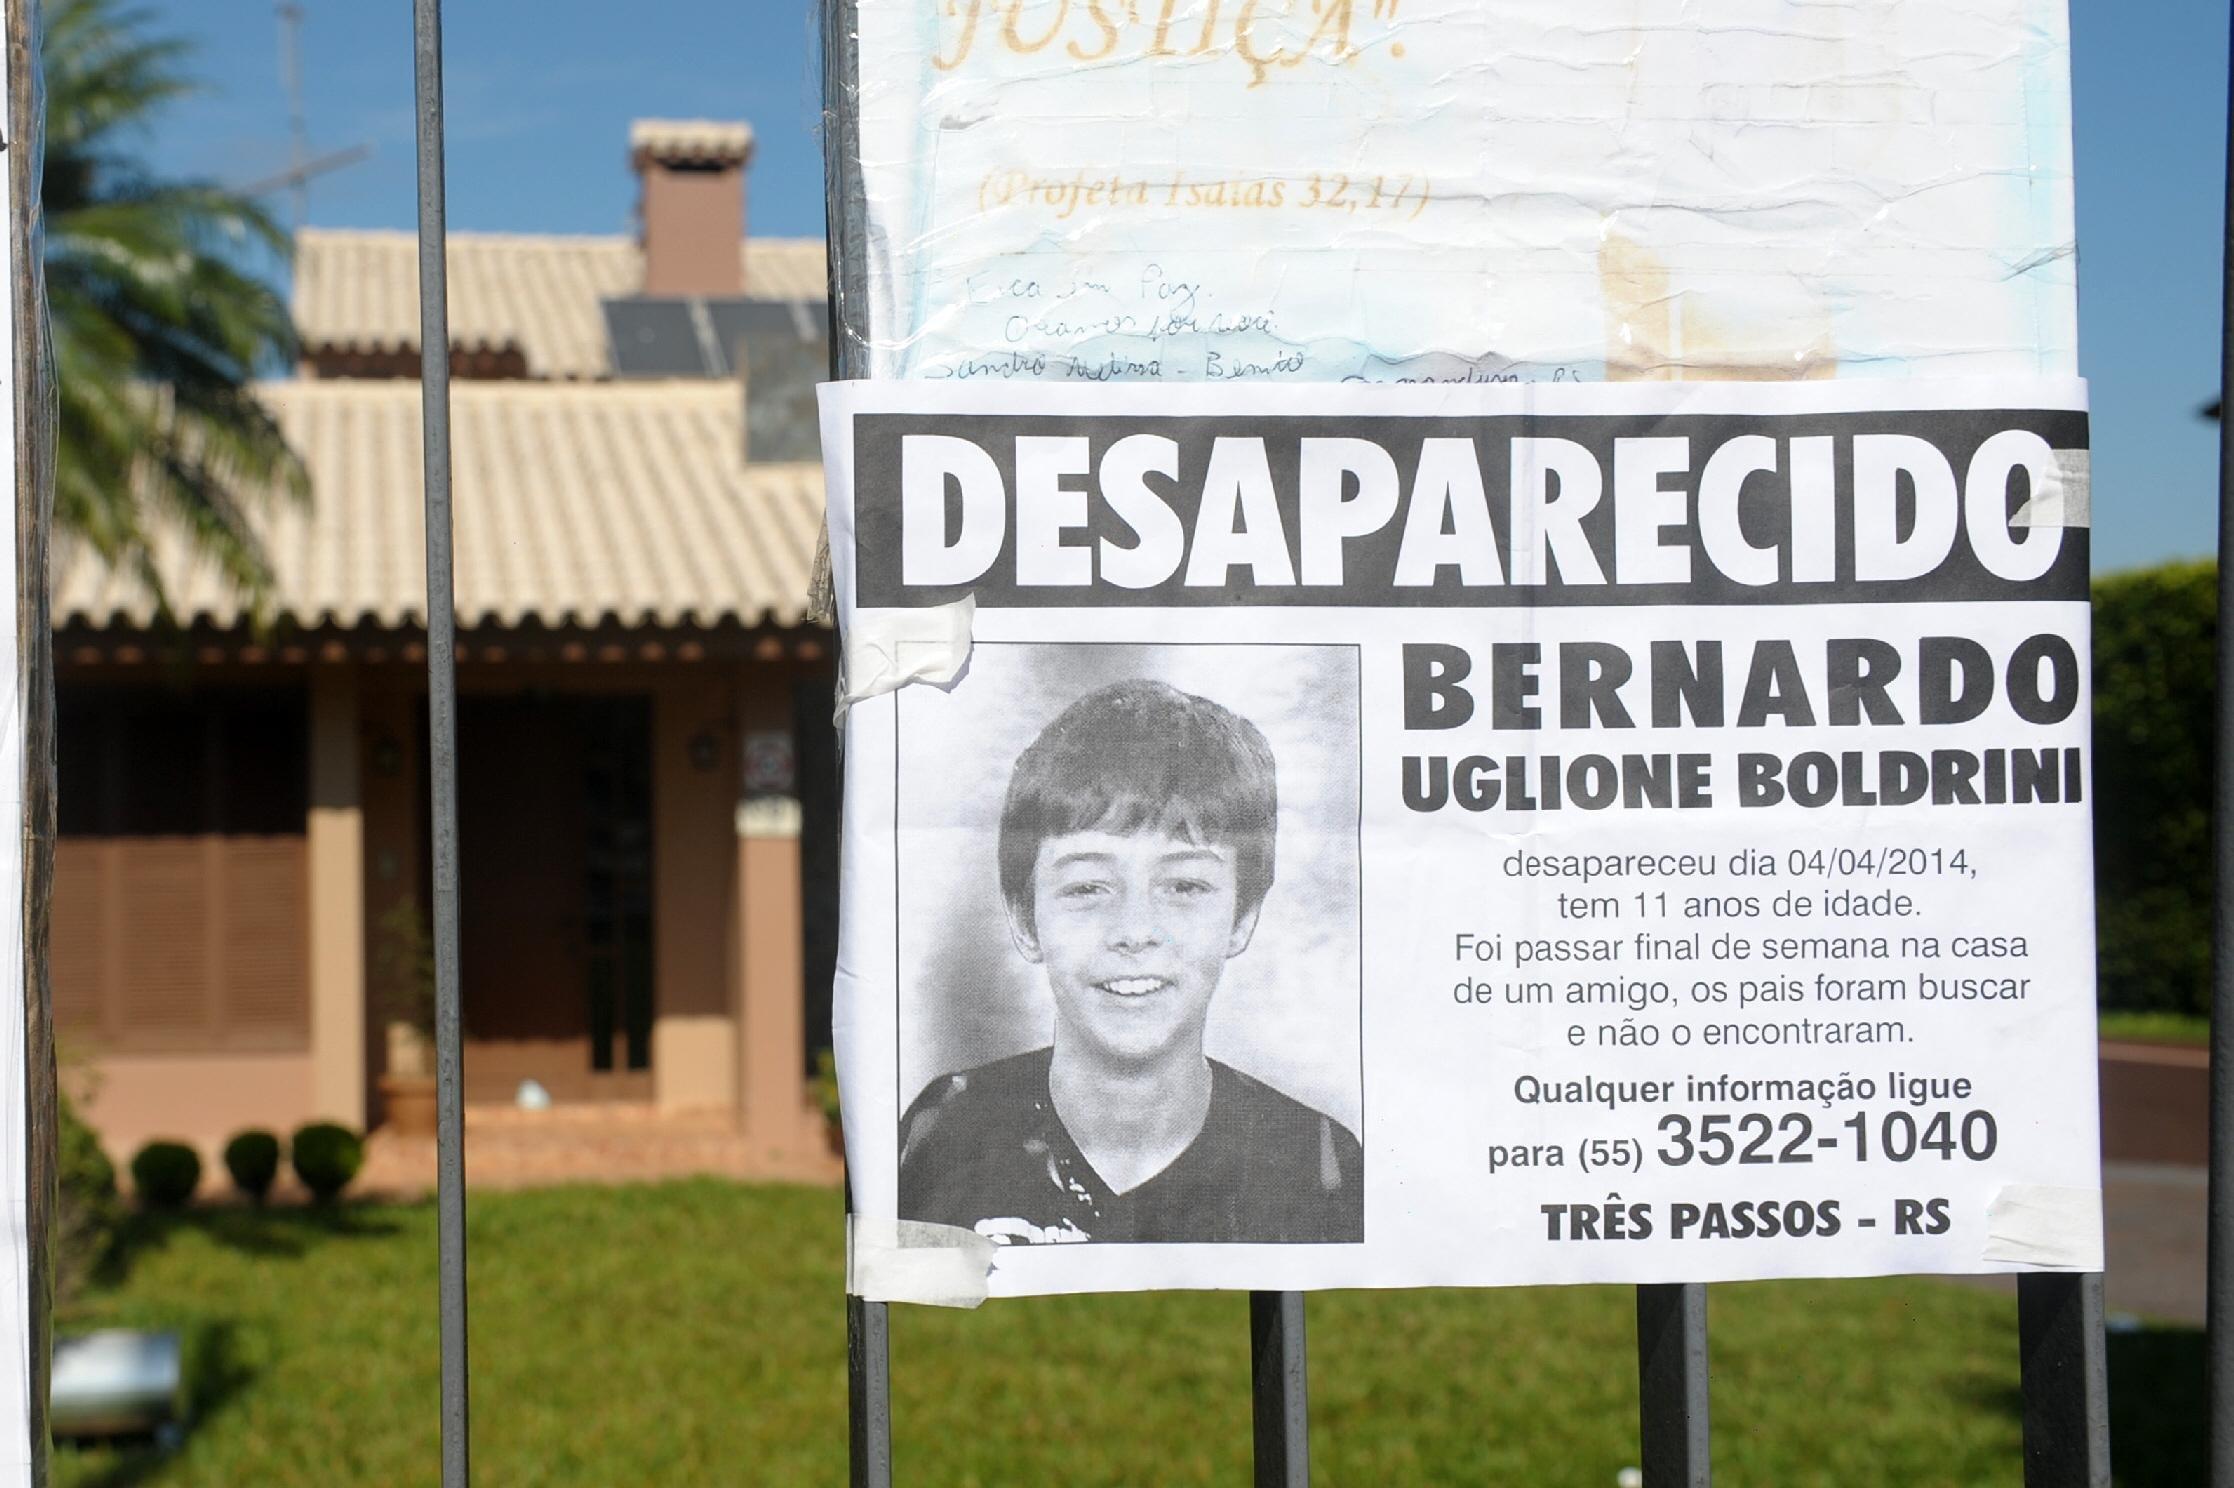 Desaparecido em 4 de abril de 2014 em Três Passos, Bernardo Uglione Boldrini, de 11 anos, foi encontrado morto dez dias depois no interior de Frederico Westphalen